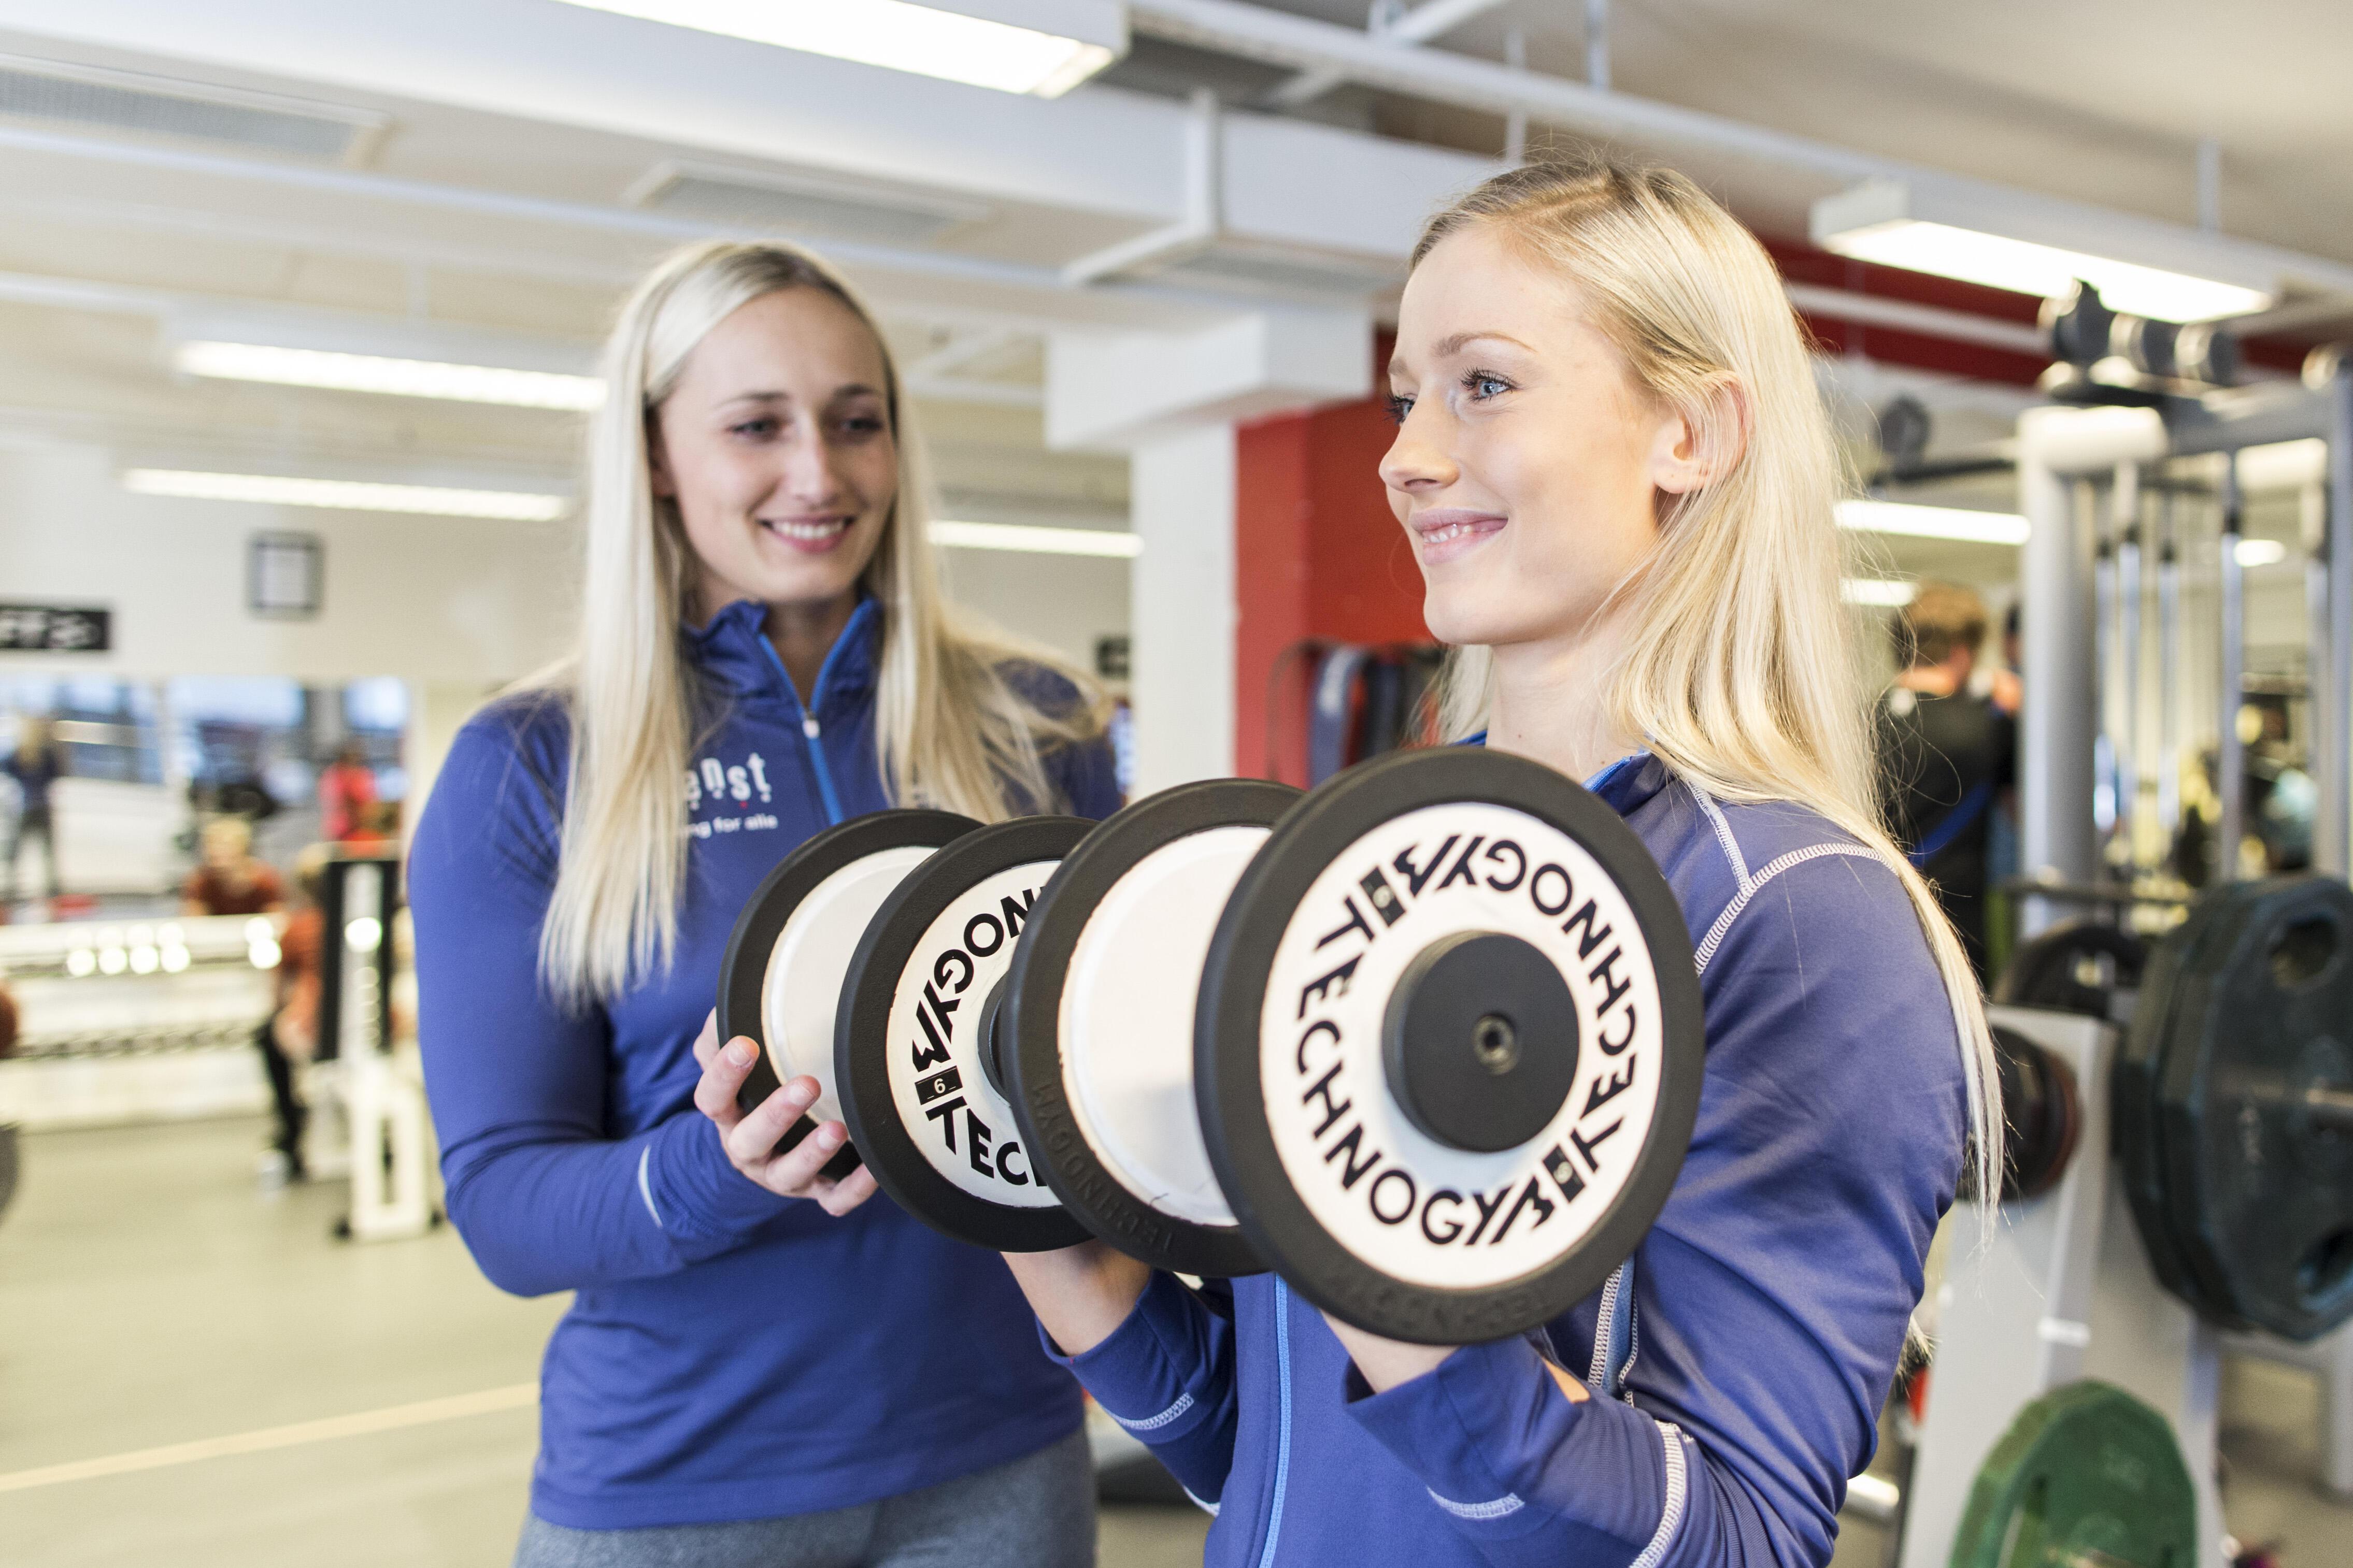 bilde av to jenter som trener